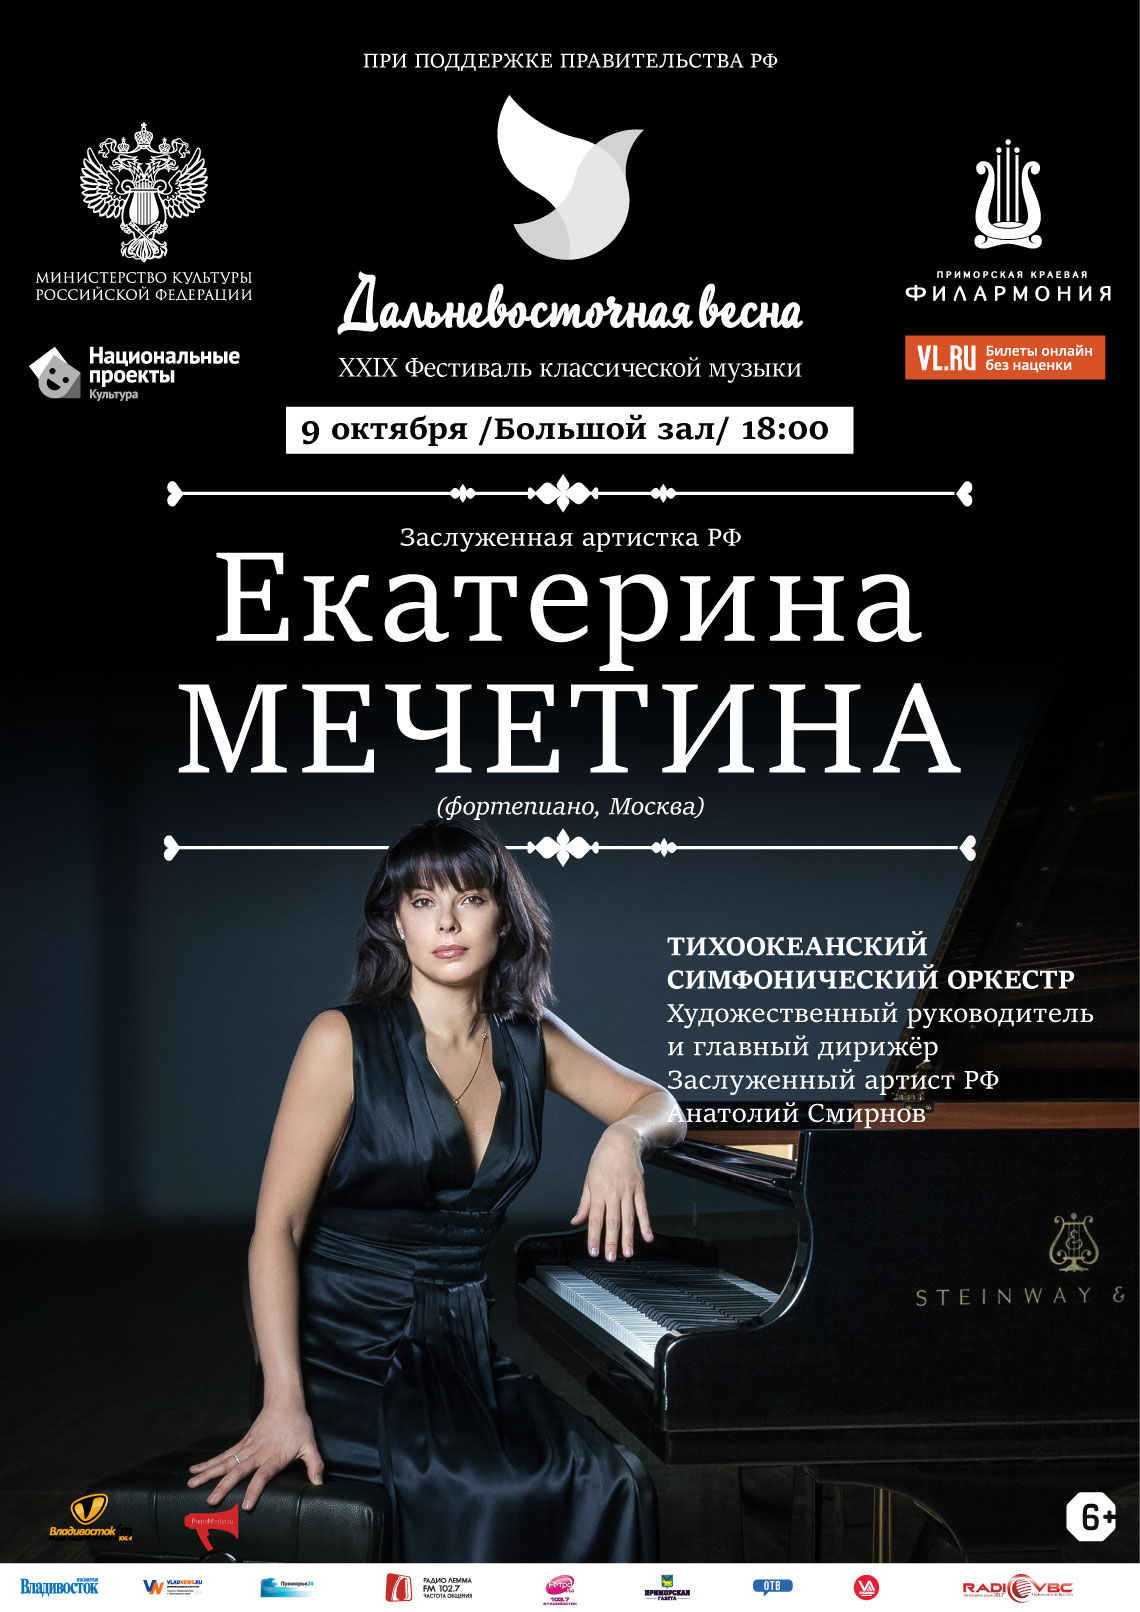 7 июня ПЕРЕНОС на 9 октября  XXIX Фестиваля классической музыки «Дальневосточная Весна». Концертная программа «Великий Бетховен» к 250- летию со дня рождения  композитора